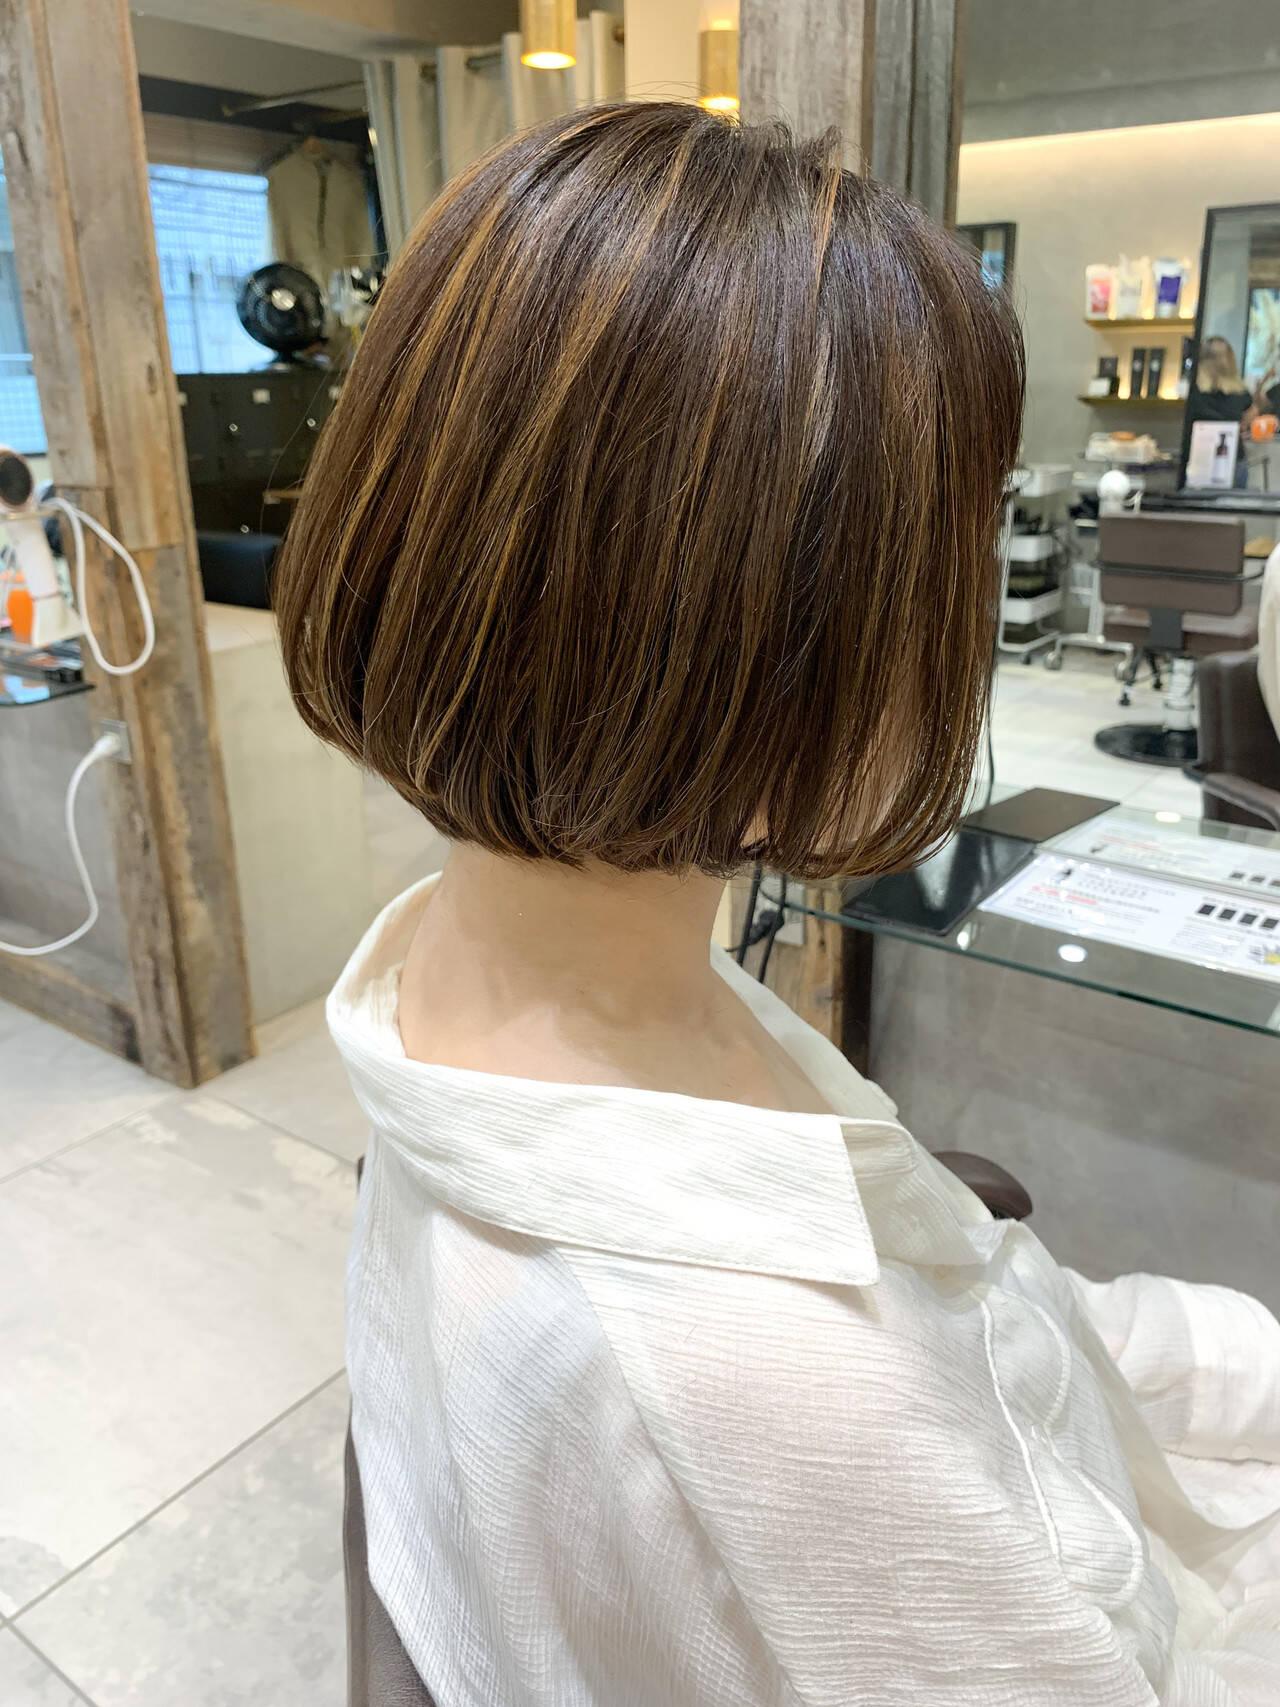 ナチュラル ショート 外国人風カラー 透明感カラーヘアスタイルや髪型の写真・画像